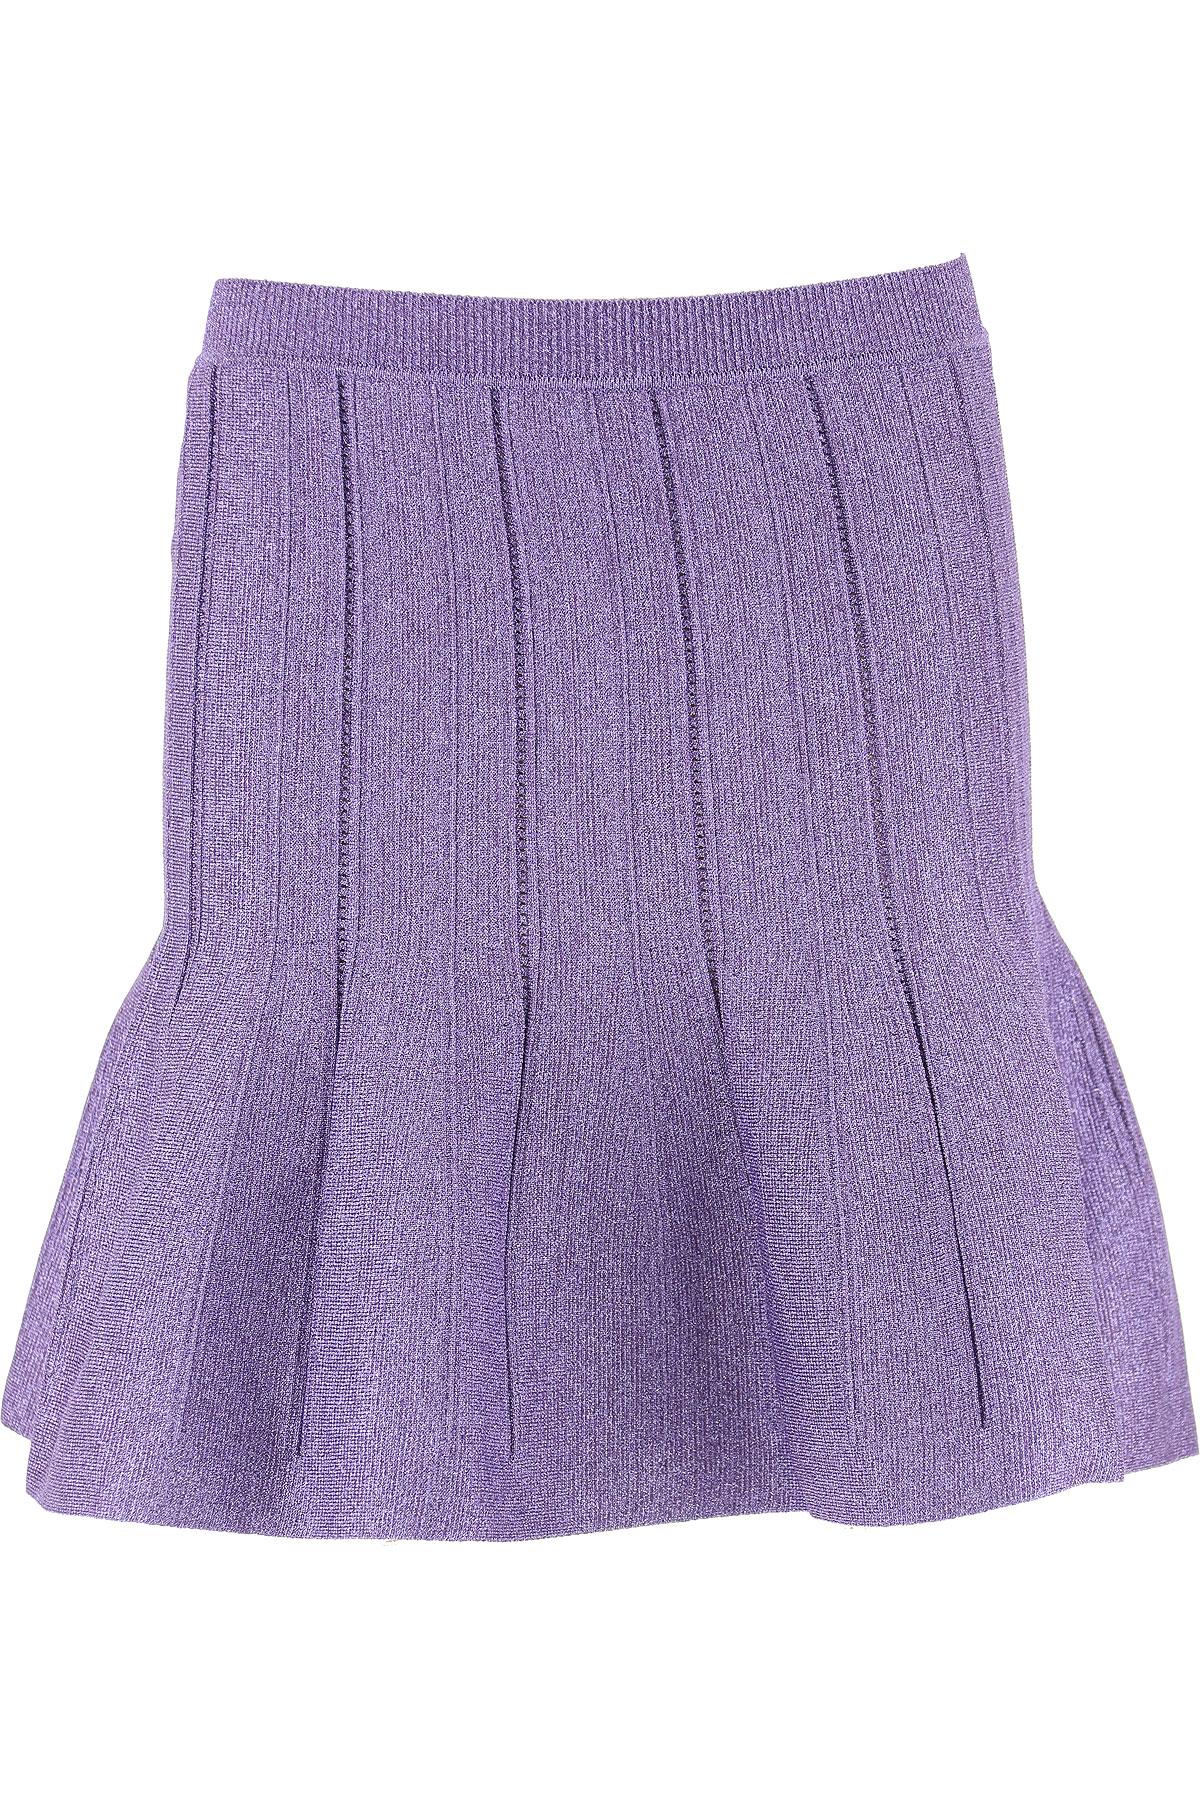 Image of Alberta Ferretti Skirt for Women, Violet, polyamide, 2017, 26 28